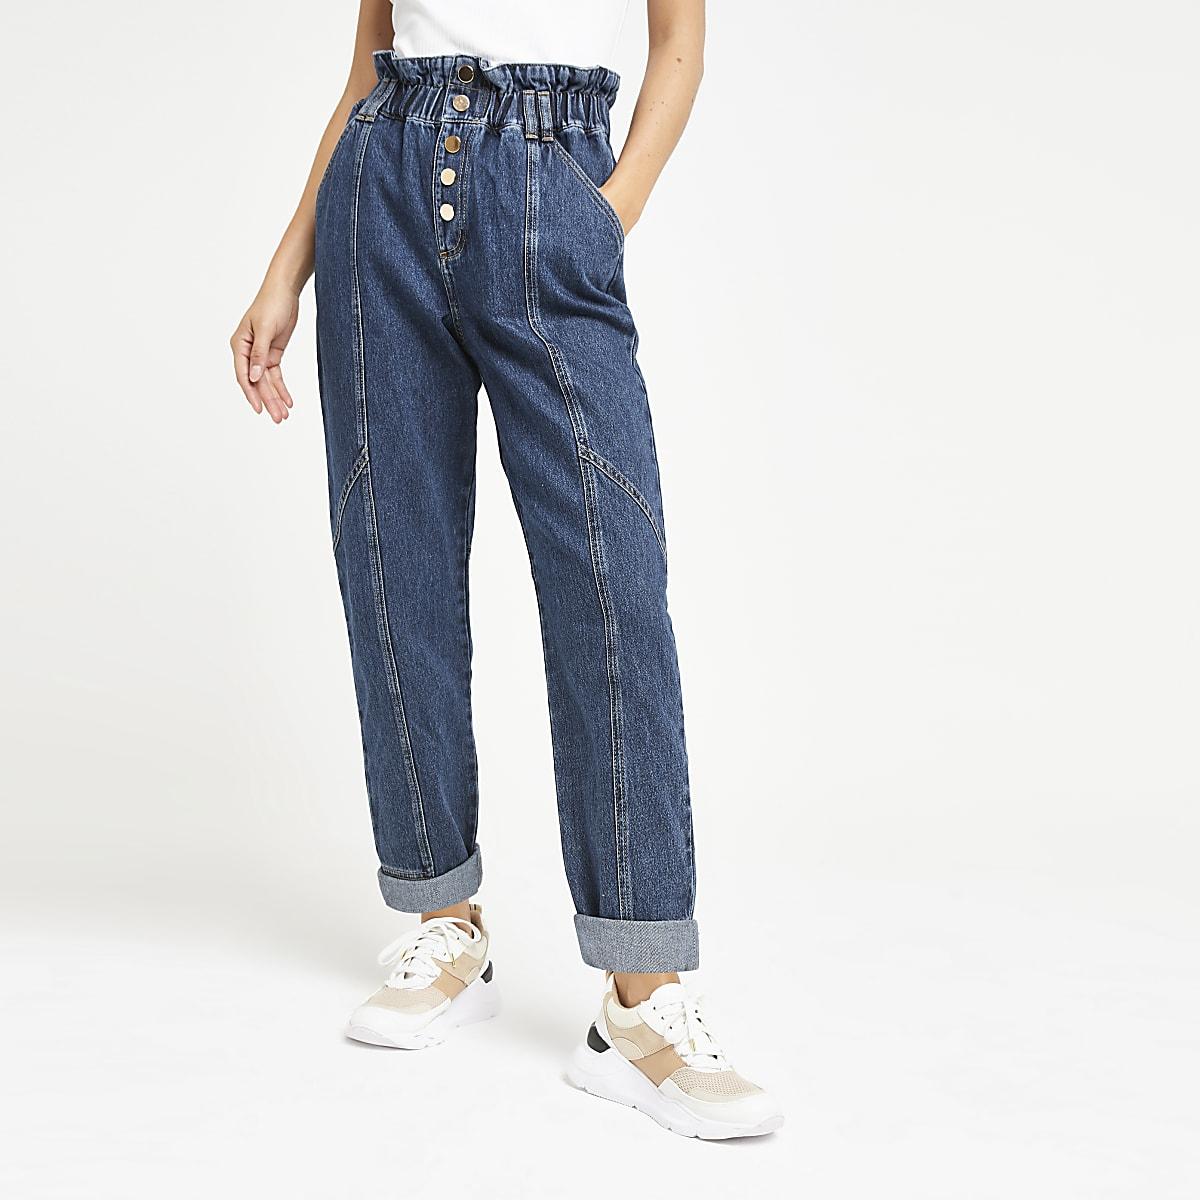 Middenblauwe denim jeans met ingesnoerde taille